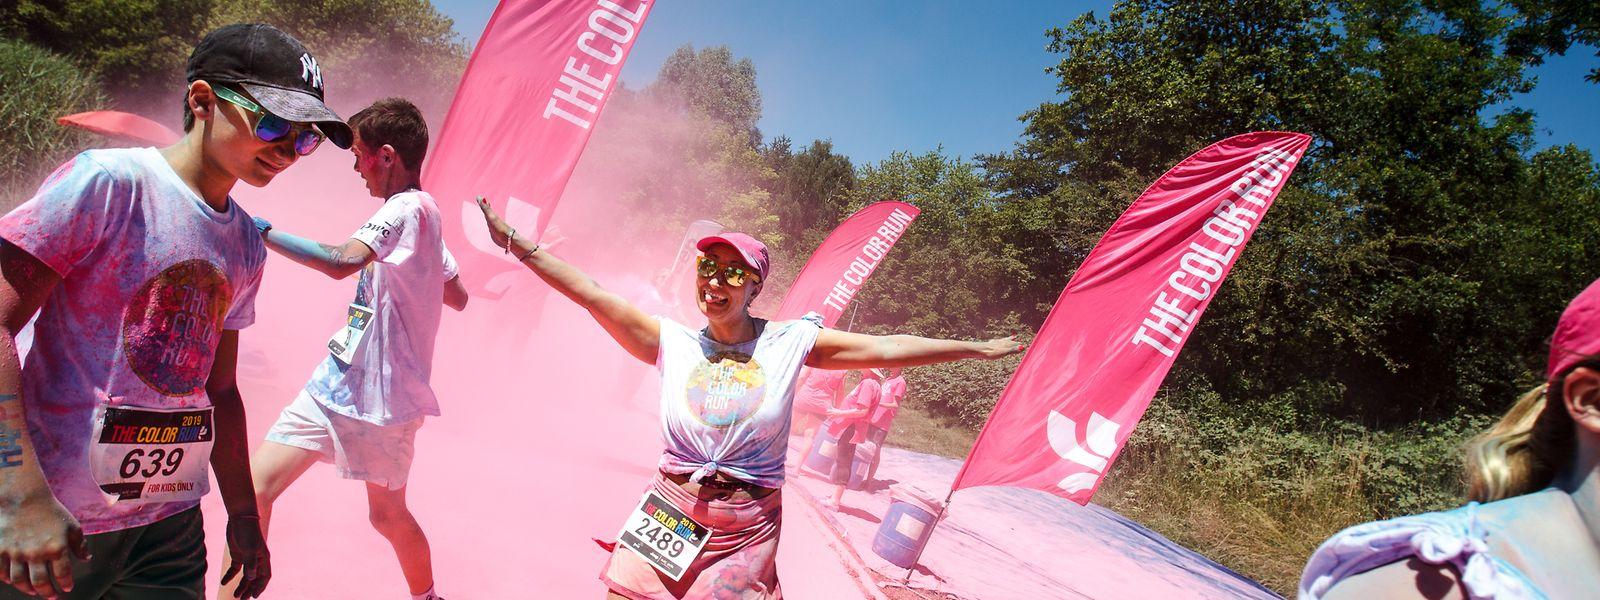 Am Samstag fand die siebte Auflage des Color Run bei Echternach statt.